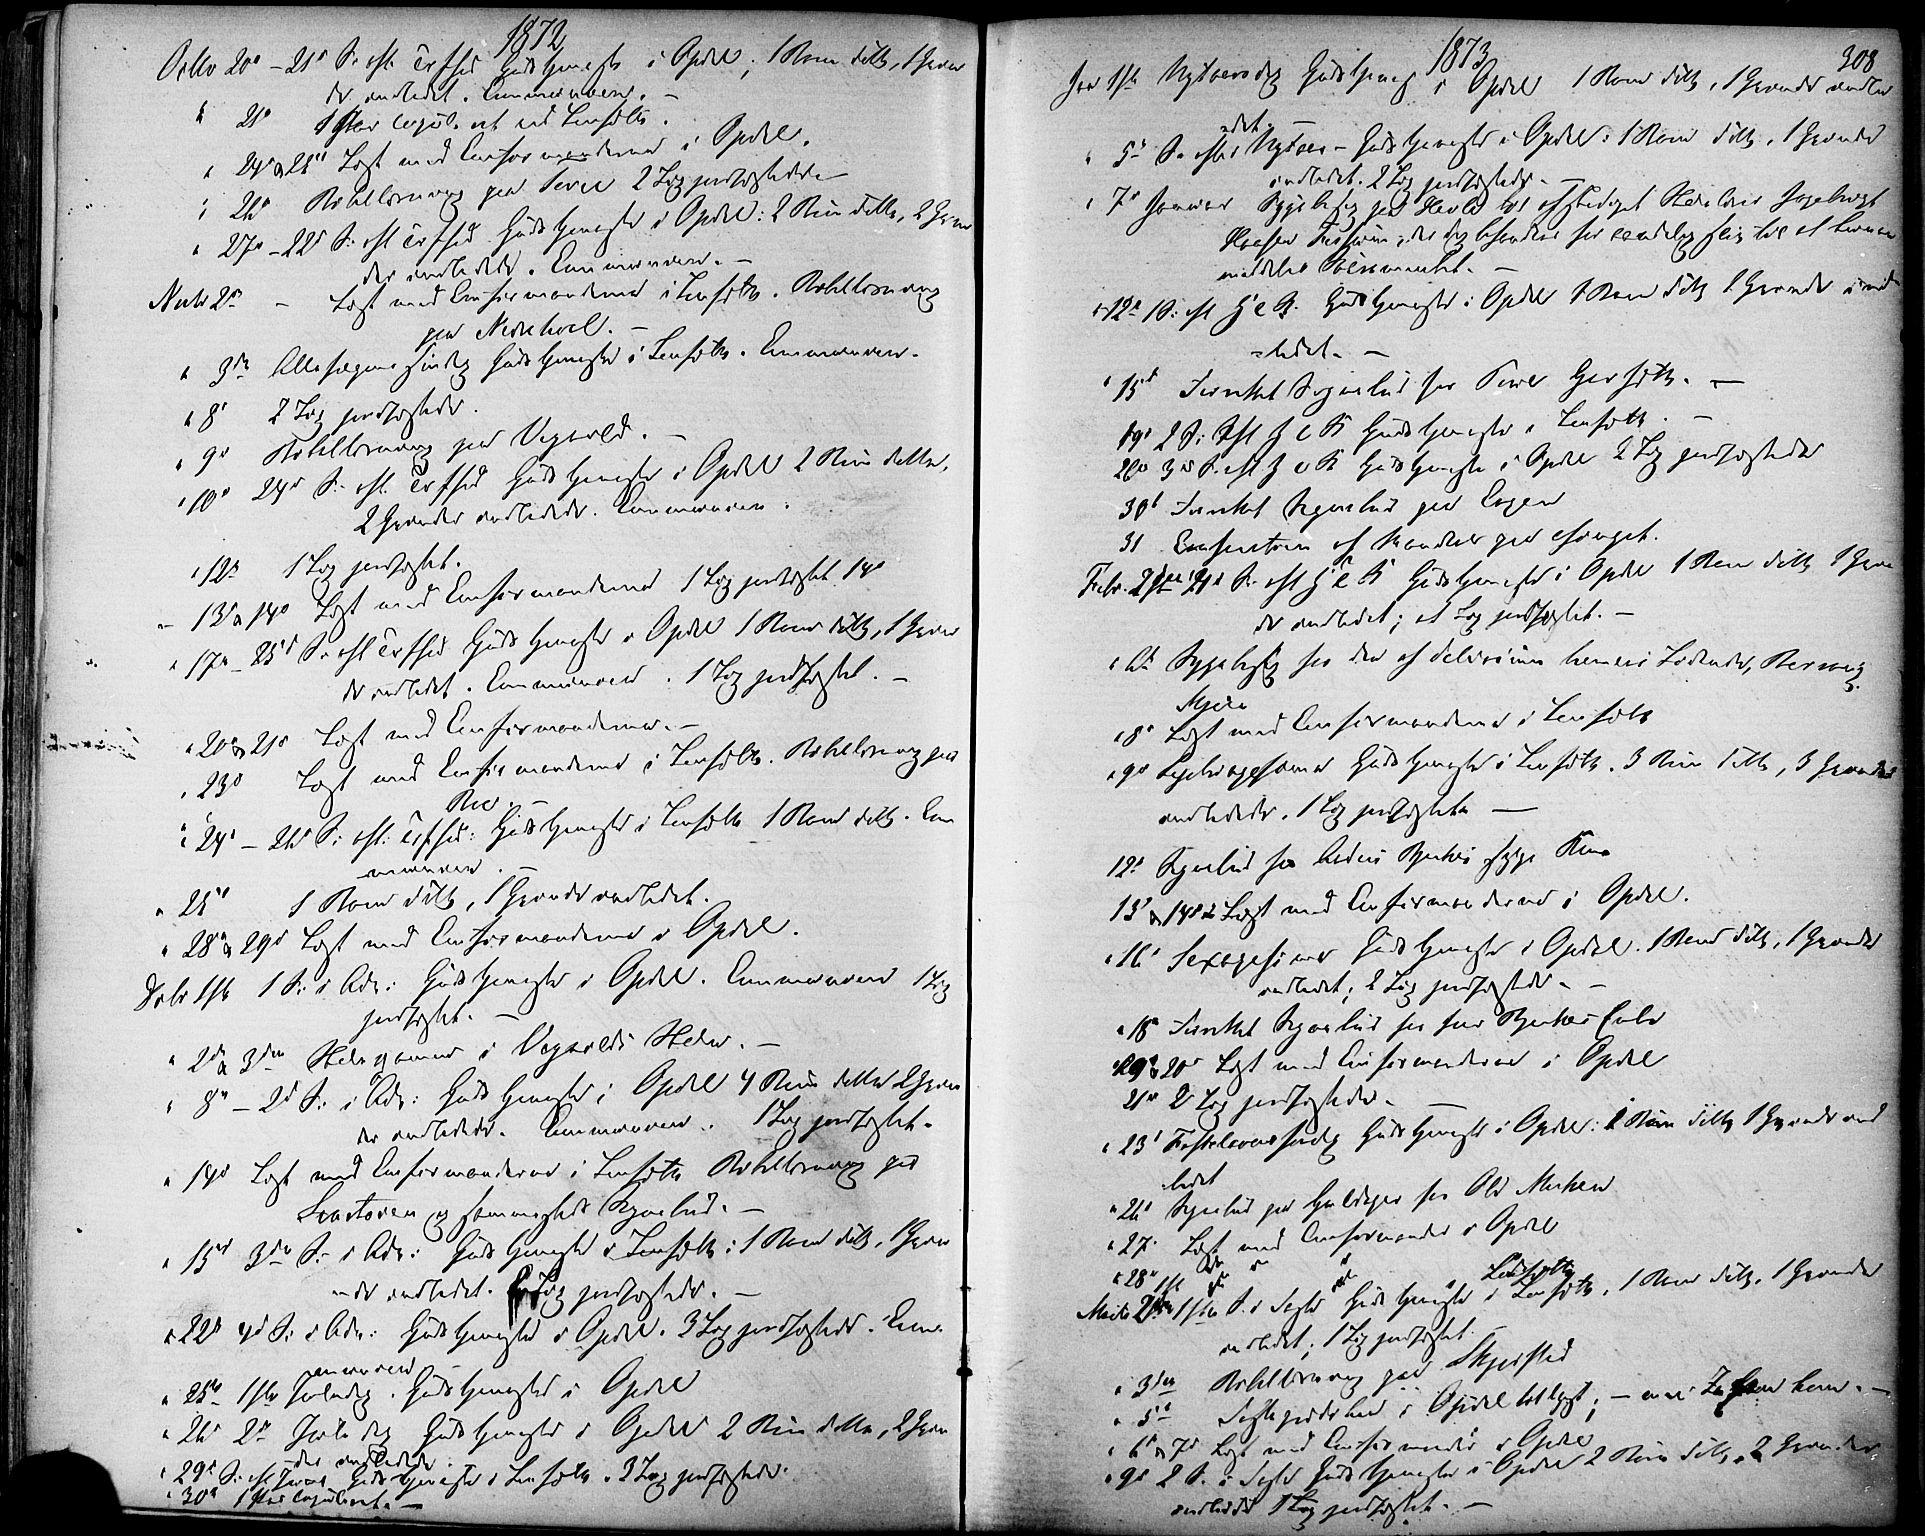 SAT, Ministerialprotokoller, klokkerbøker og fødselsregistre - Sør-Trøndelag, 678/L0900: Ministerialbok nr. 678A09, 1872-1881, s. 308